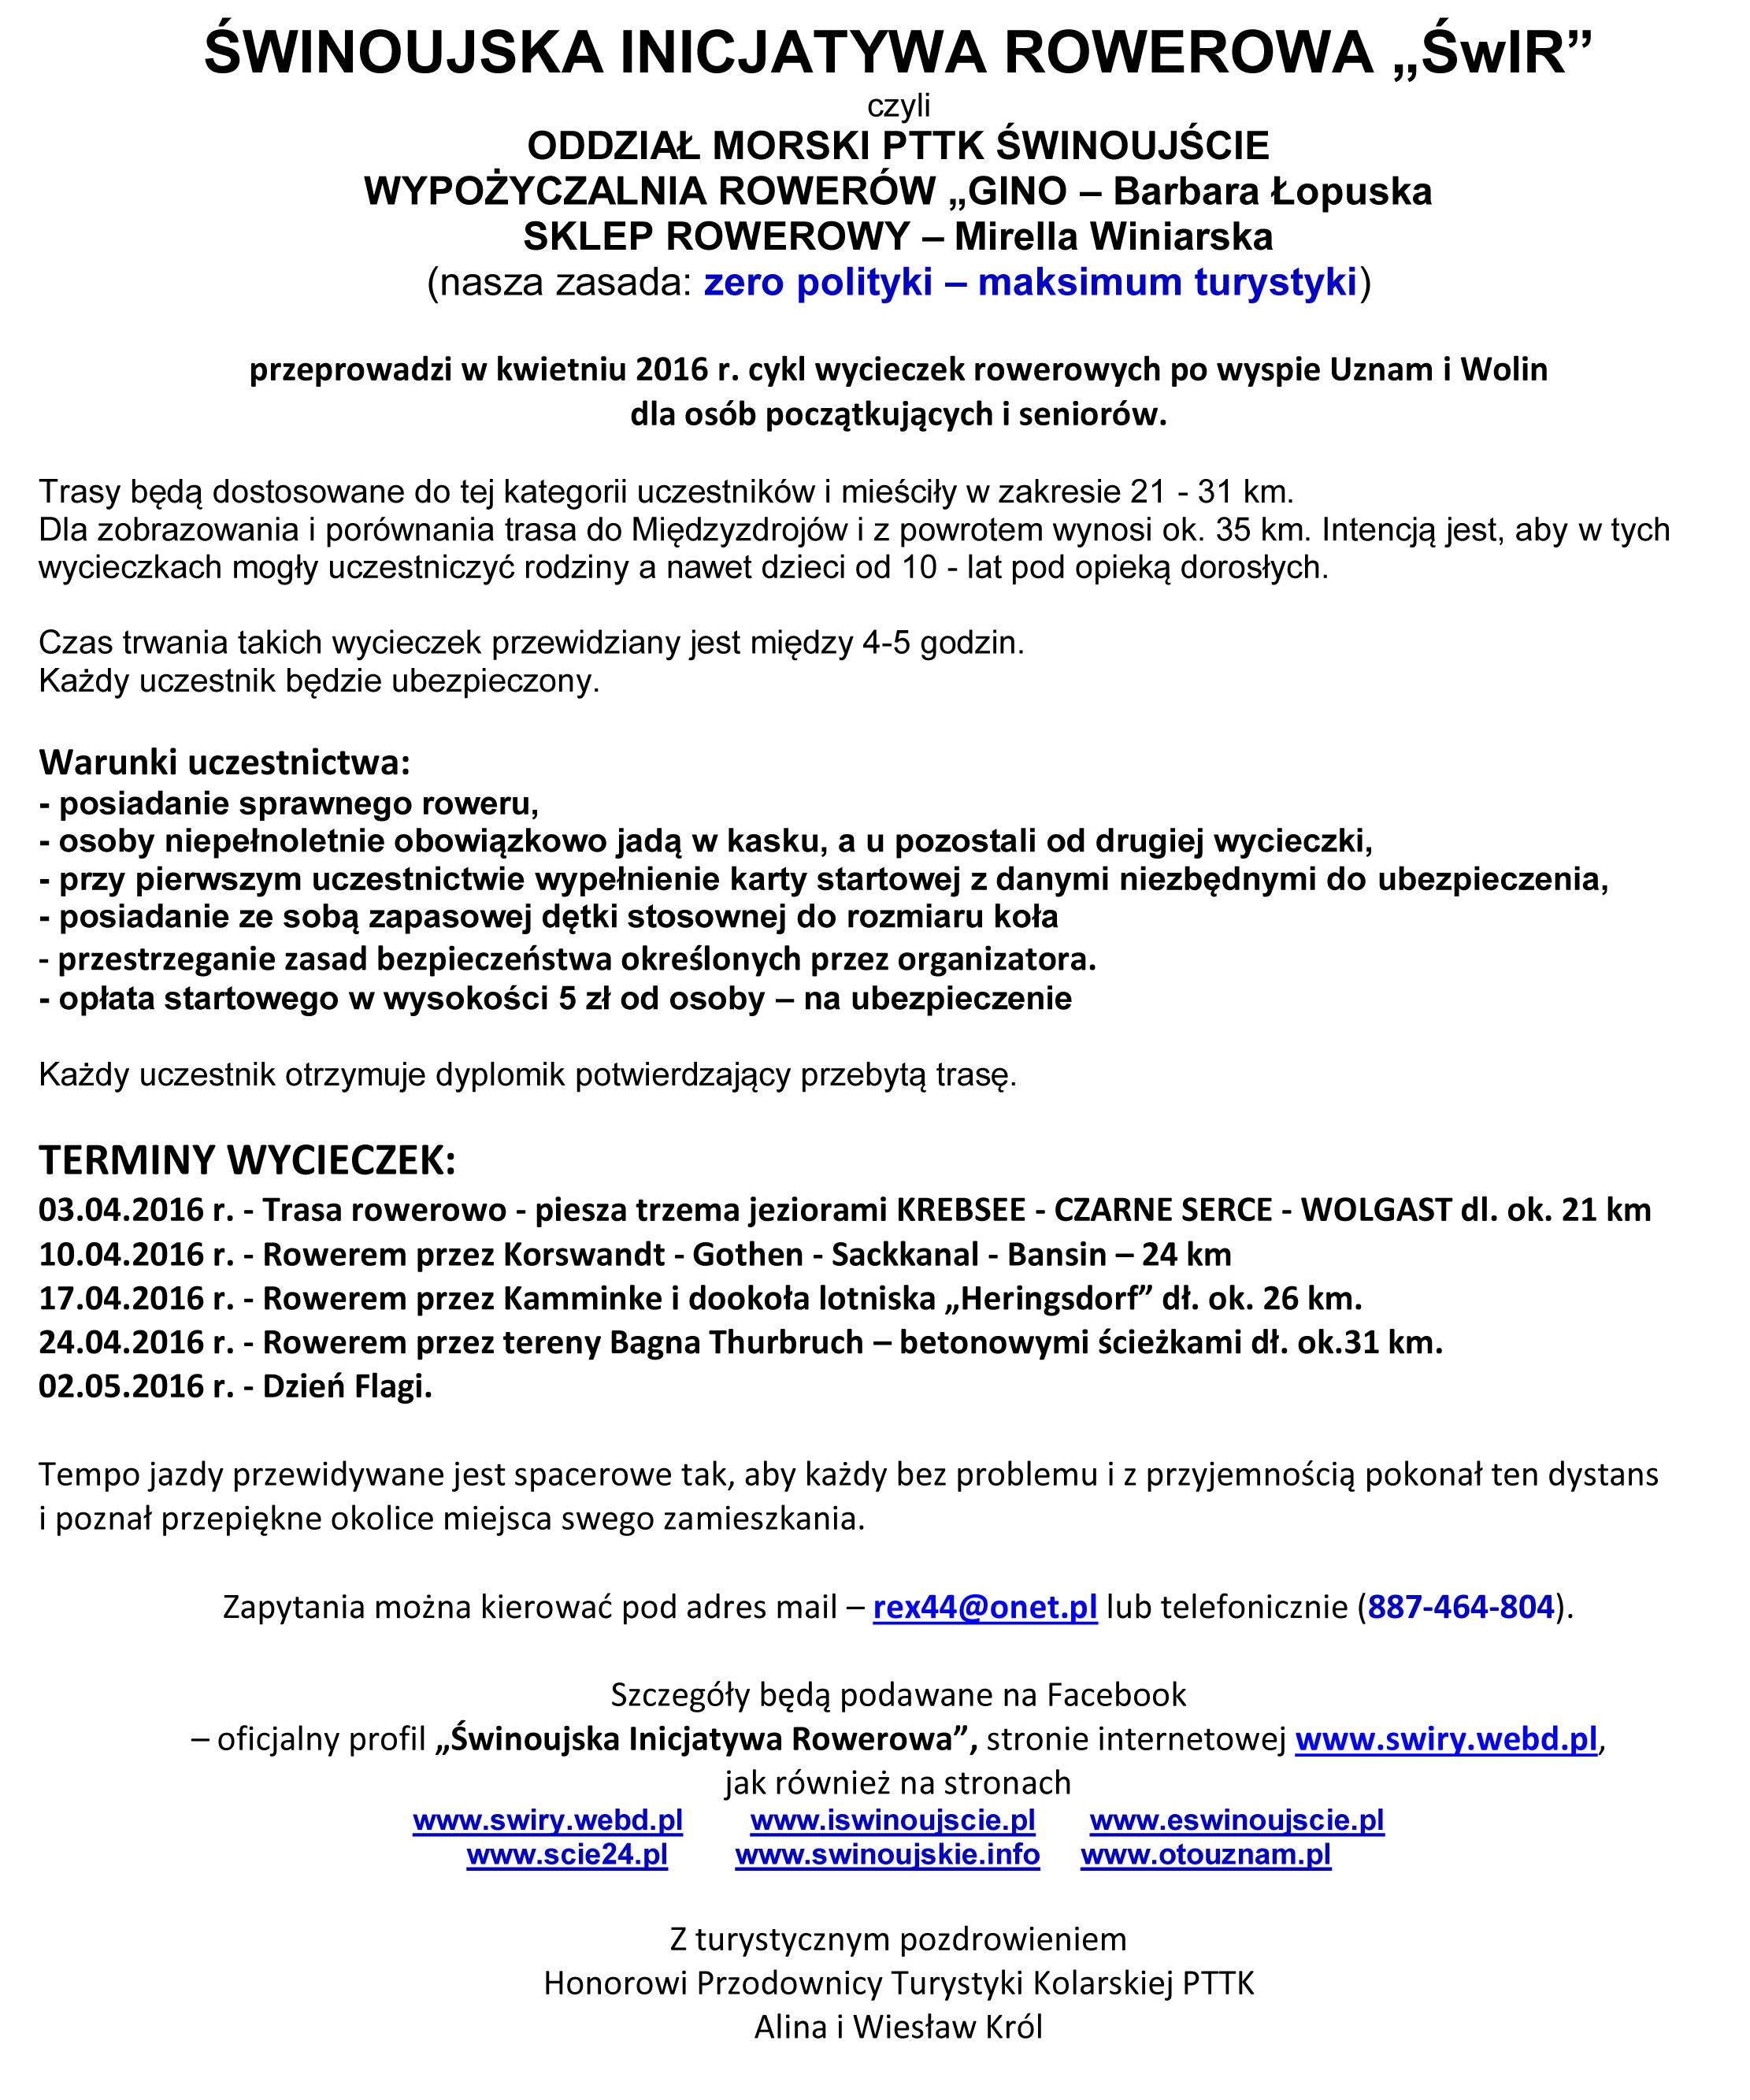 ŚWIR---dla-seniorów-PDF